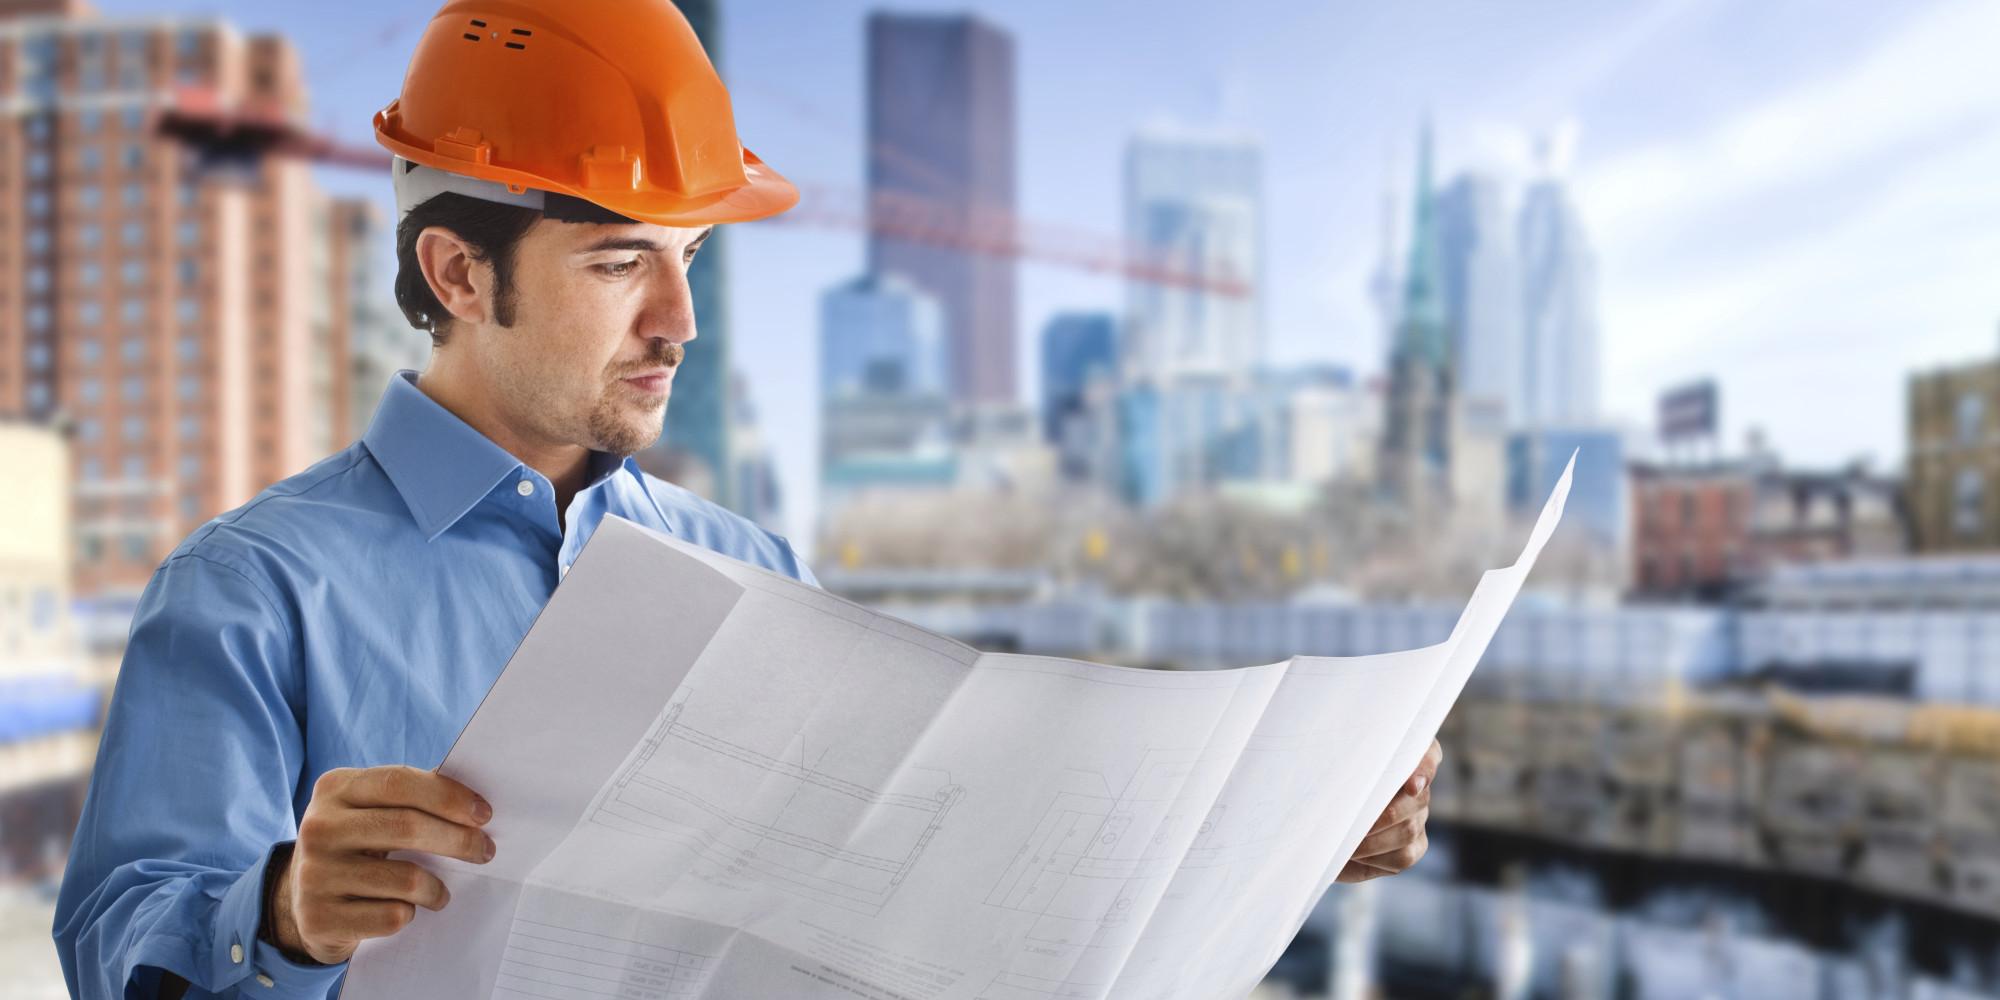 Профессиональная переподготовка по программе «Руководитель строительной организации»